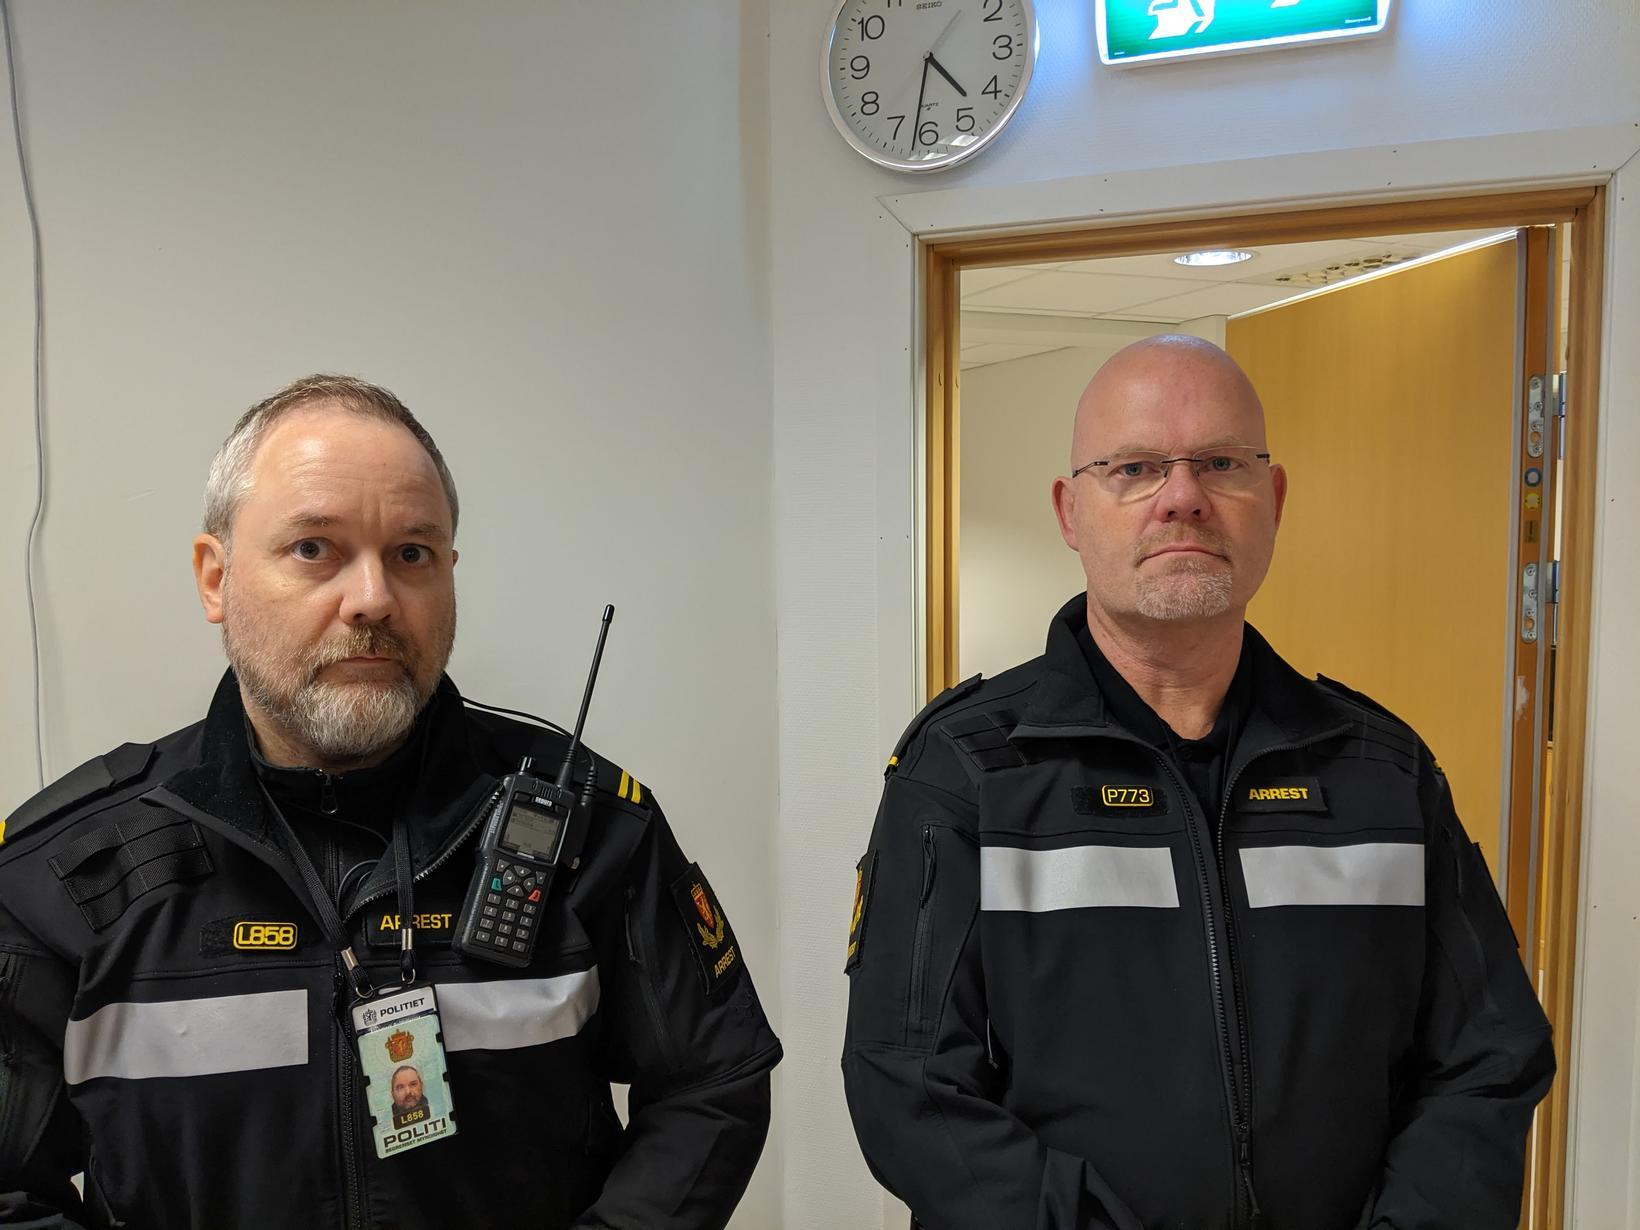 Jarleif Sørensen og Tommy Esbensen lögreglumenn hafa verið daglegir gestir …